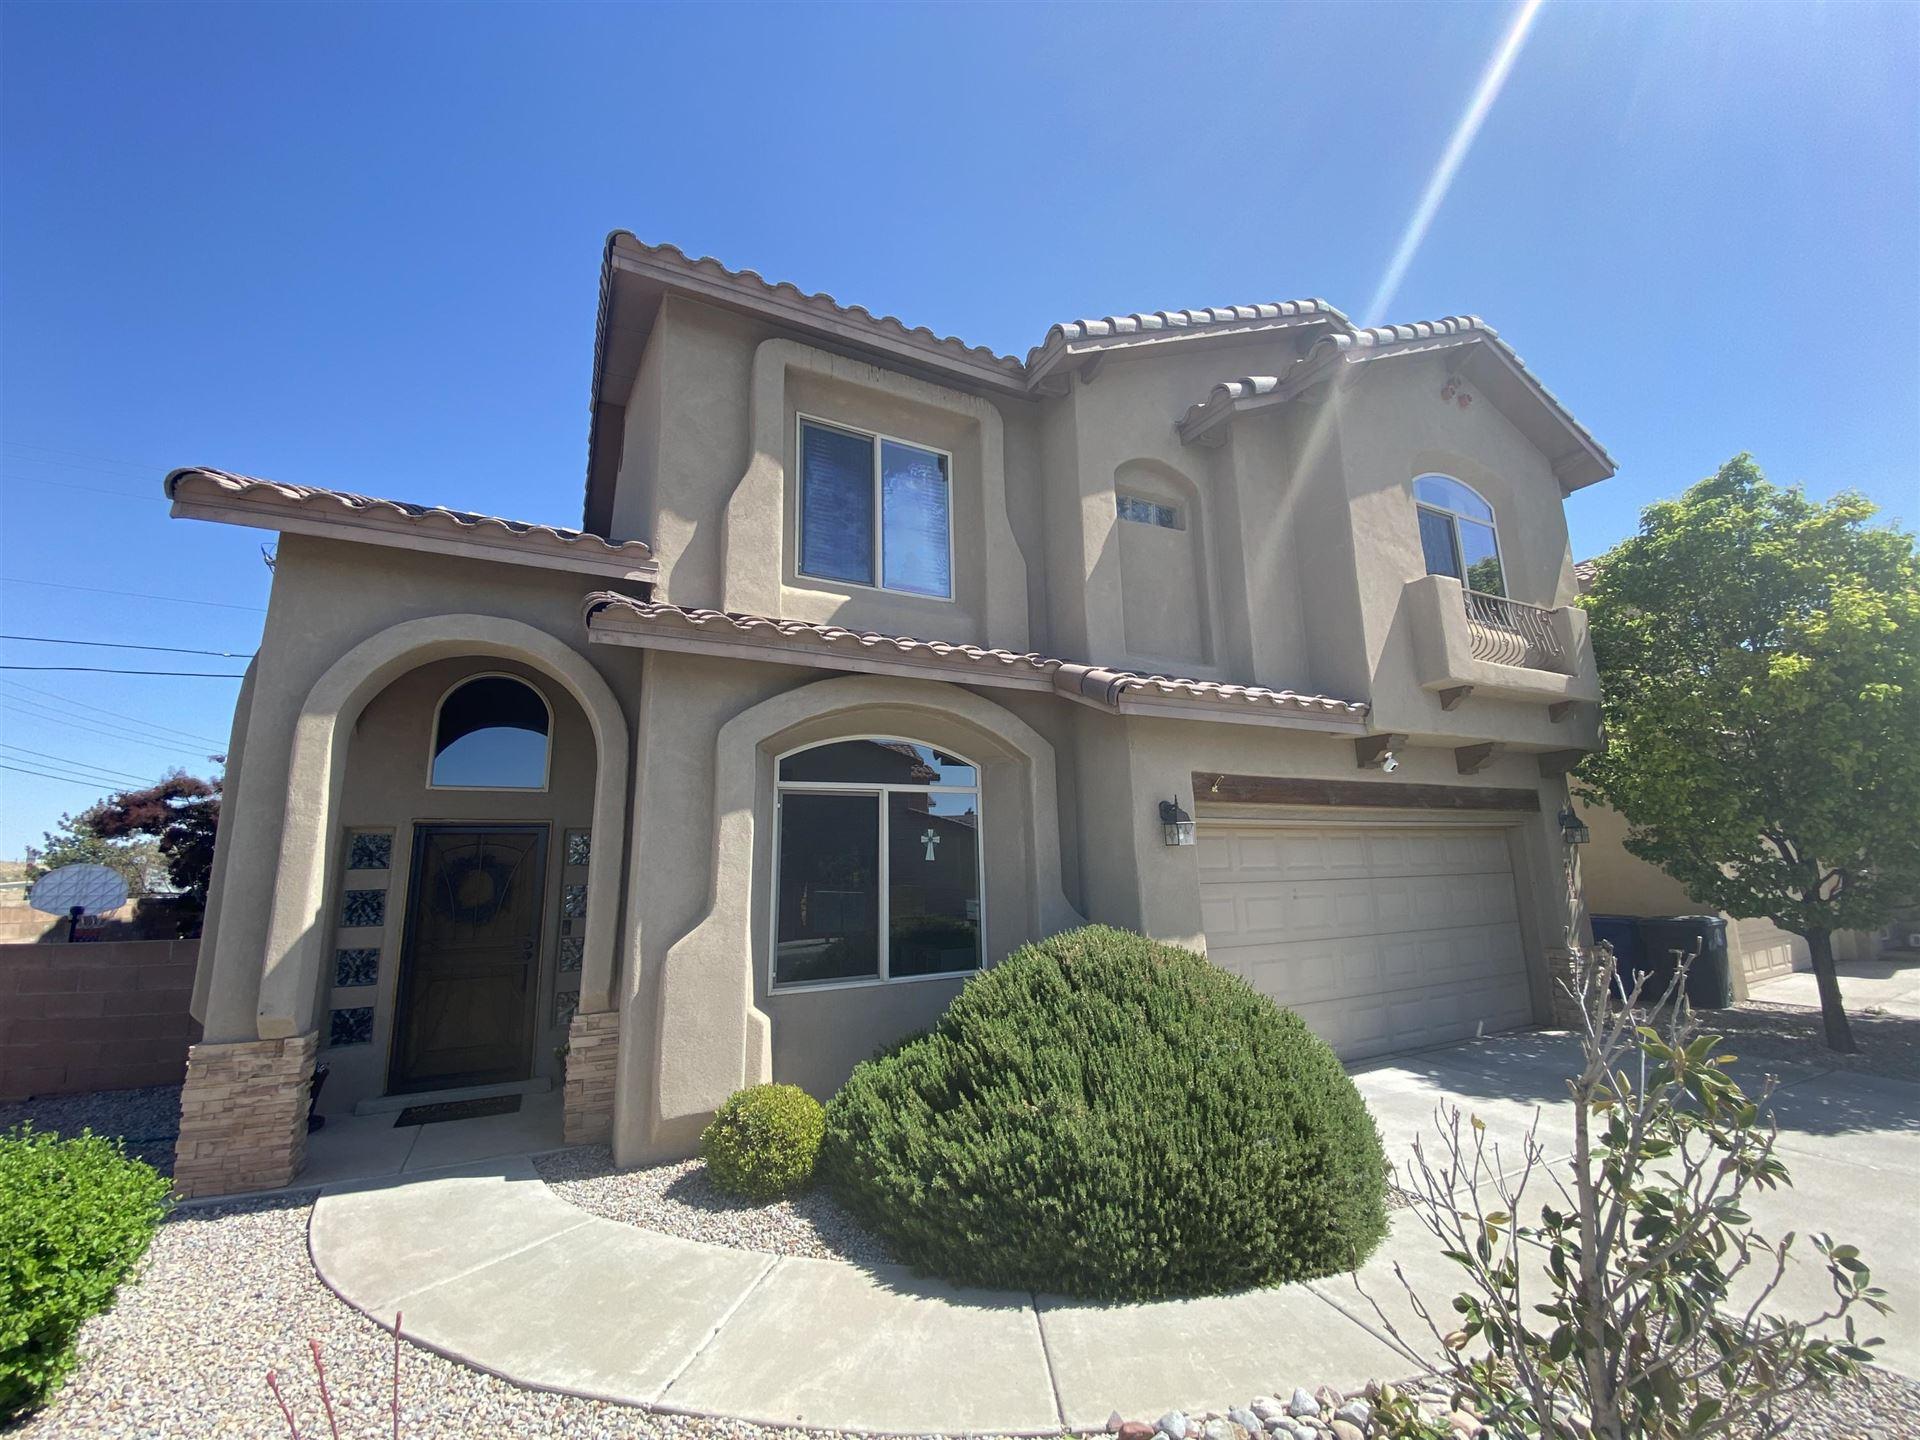 4892 PETRA POINTE Circle NW, Albuquerque, NM 87120 - #: 991758